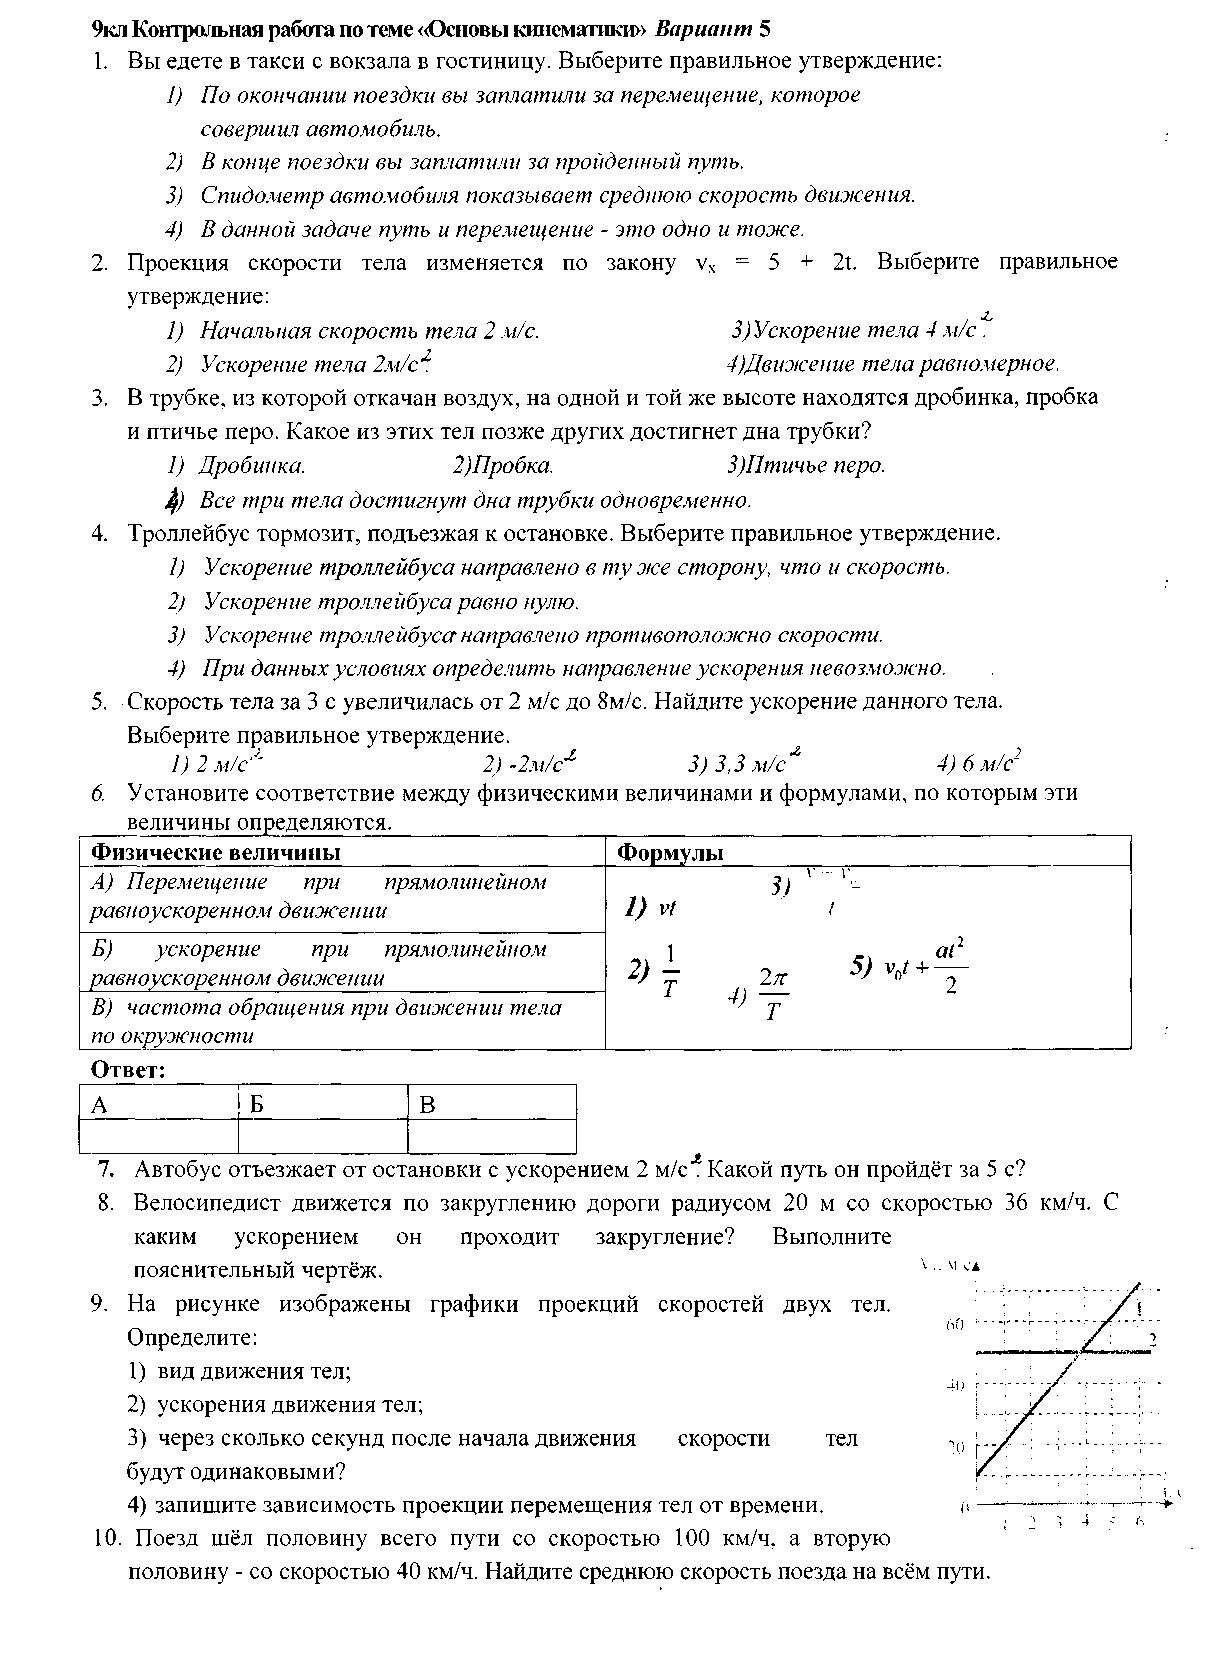 Гдз по физике 7 класс шахмаев дик бунчук лабораторные работы